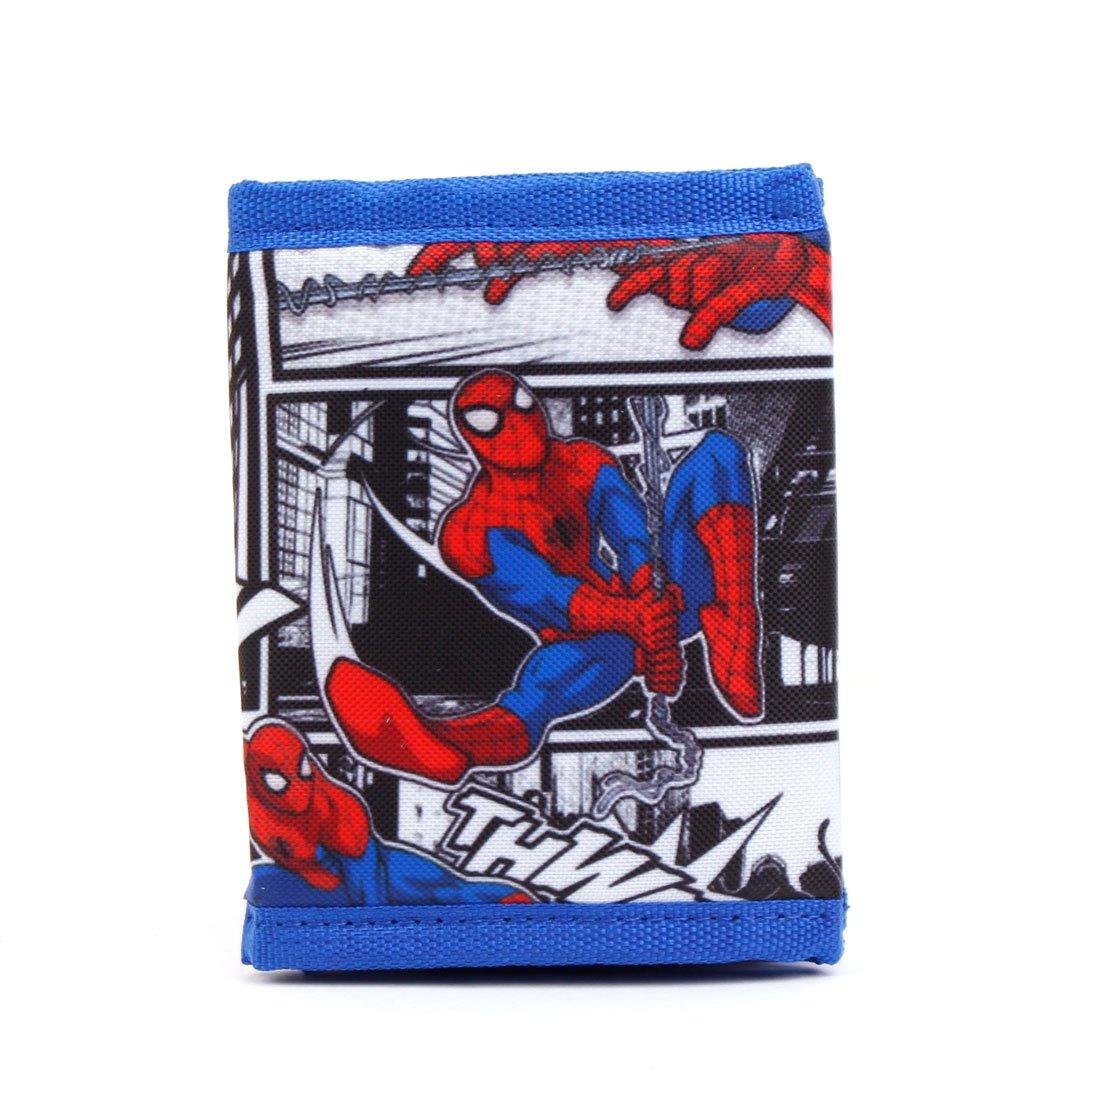 WINGHOUSE x Marvel Avengers Spider-Man Credit Card Case Holder Wallet for Kids Boy blue